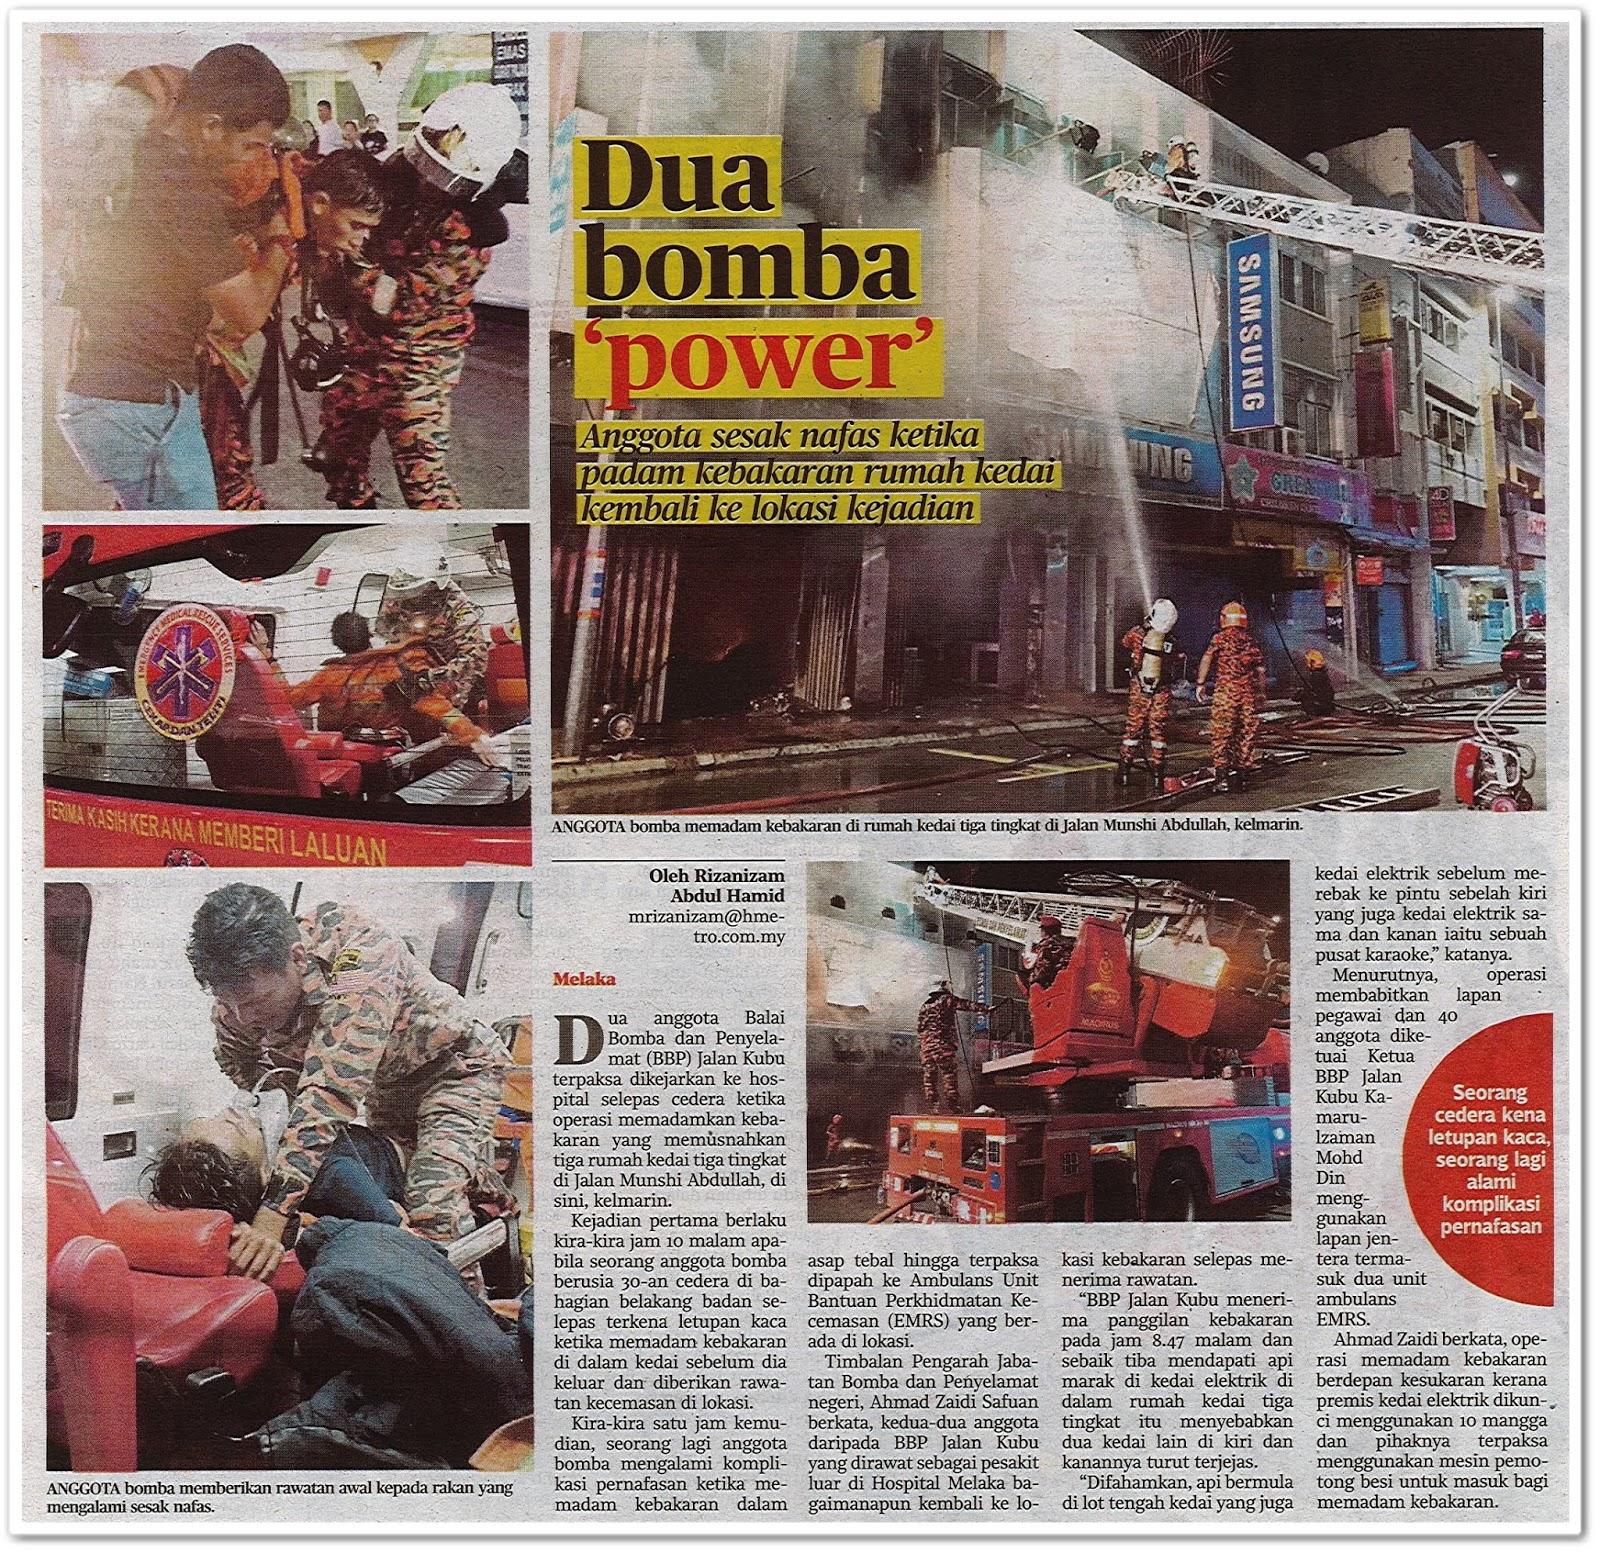 Dua bomba 'power' - Keratan akhbar Harian Metro 5 November 2019